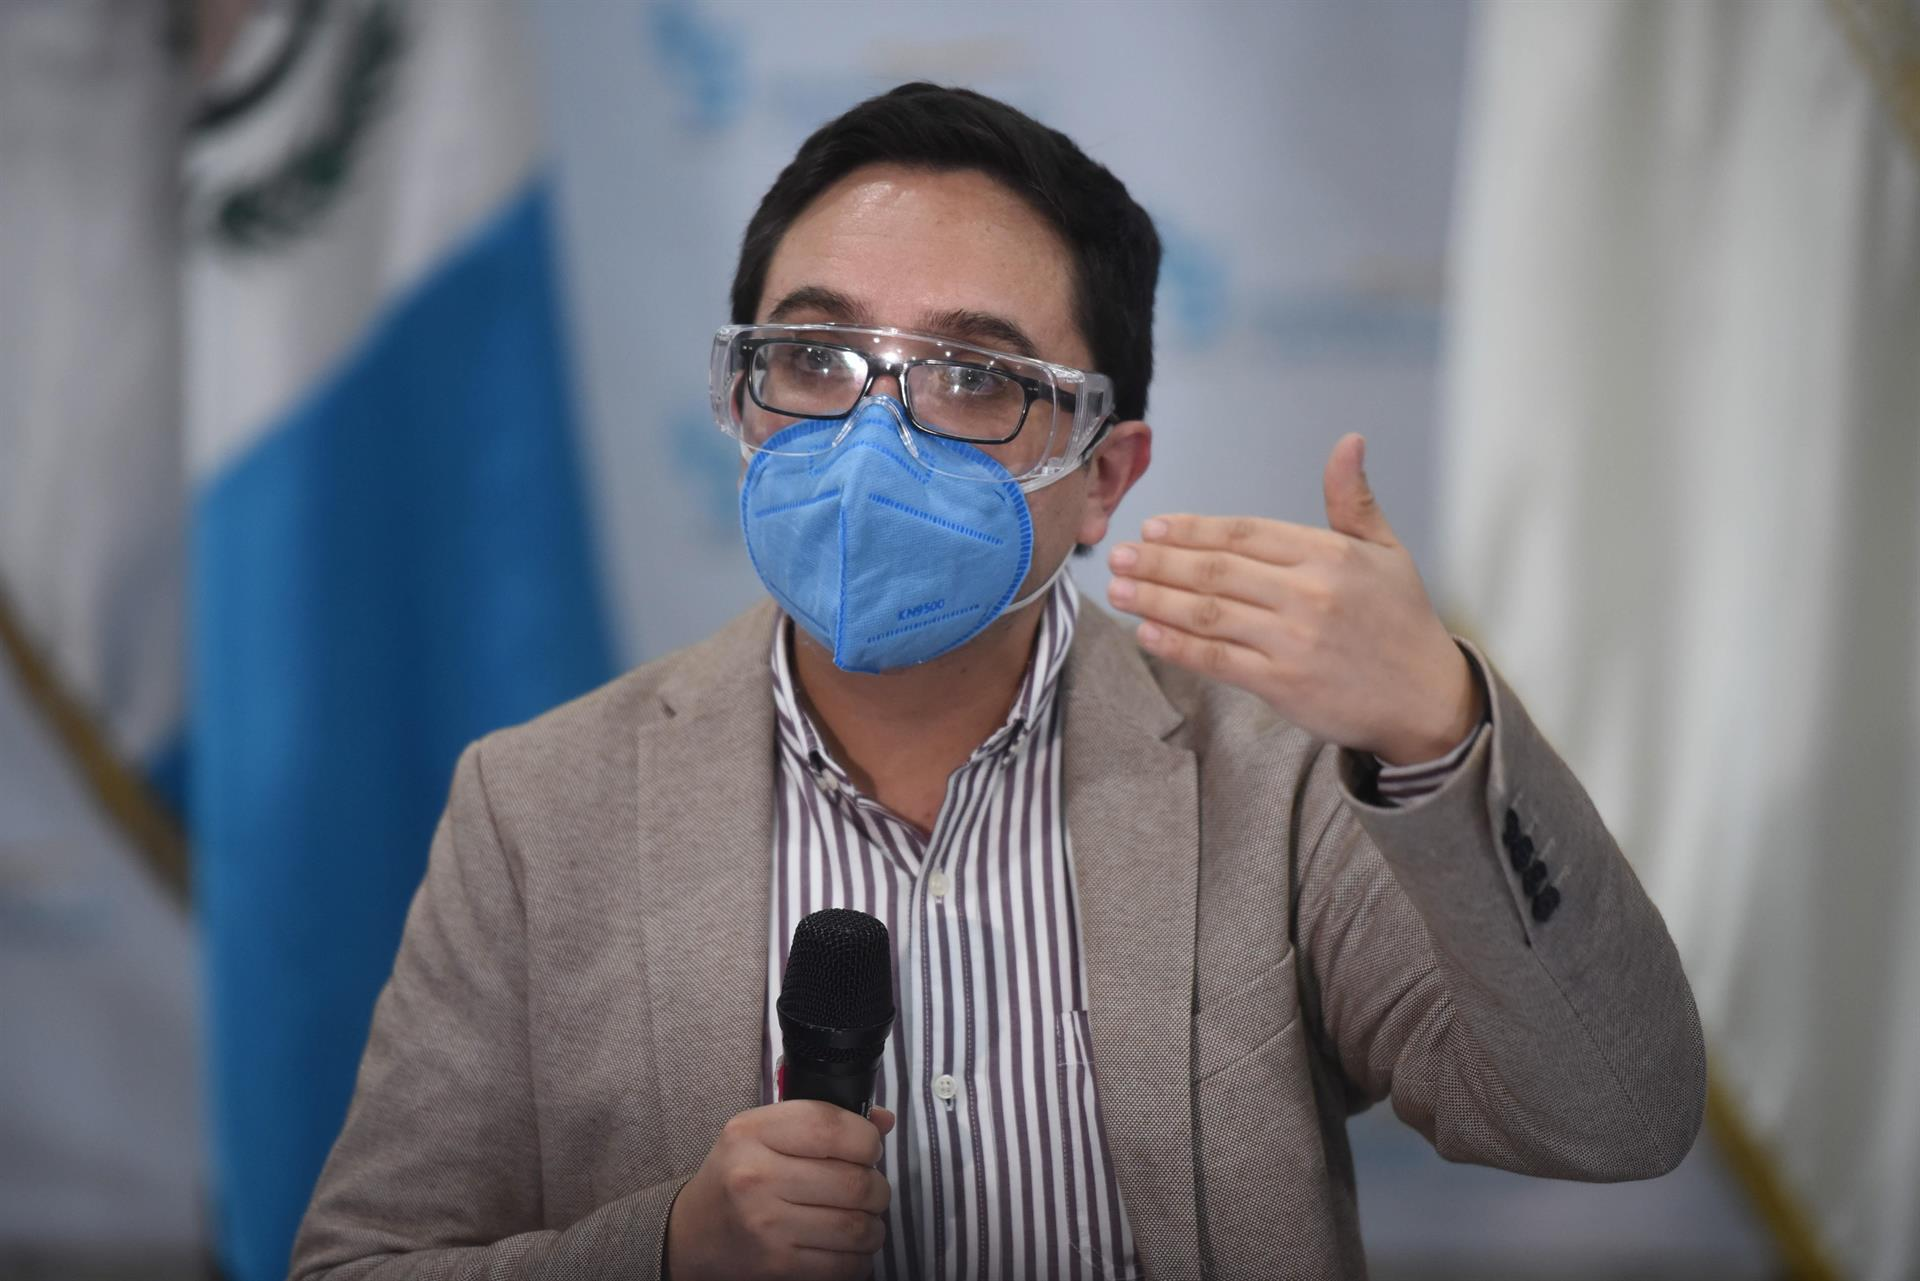 Fotografía tomada el pasado 23 de julio en la que se registró al fiscal anticorrupción guatelmalteco Juan Francisco Sandoval, quien fue destituido y exiliado. EFE/Edwin Bercián